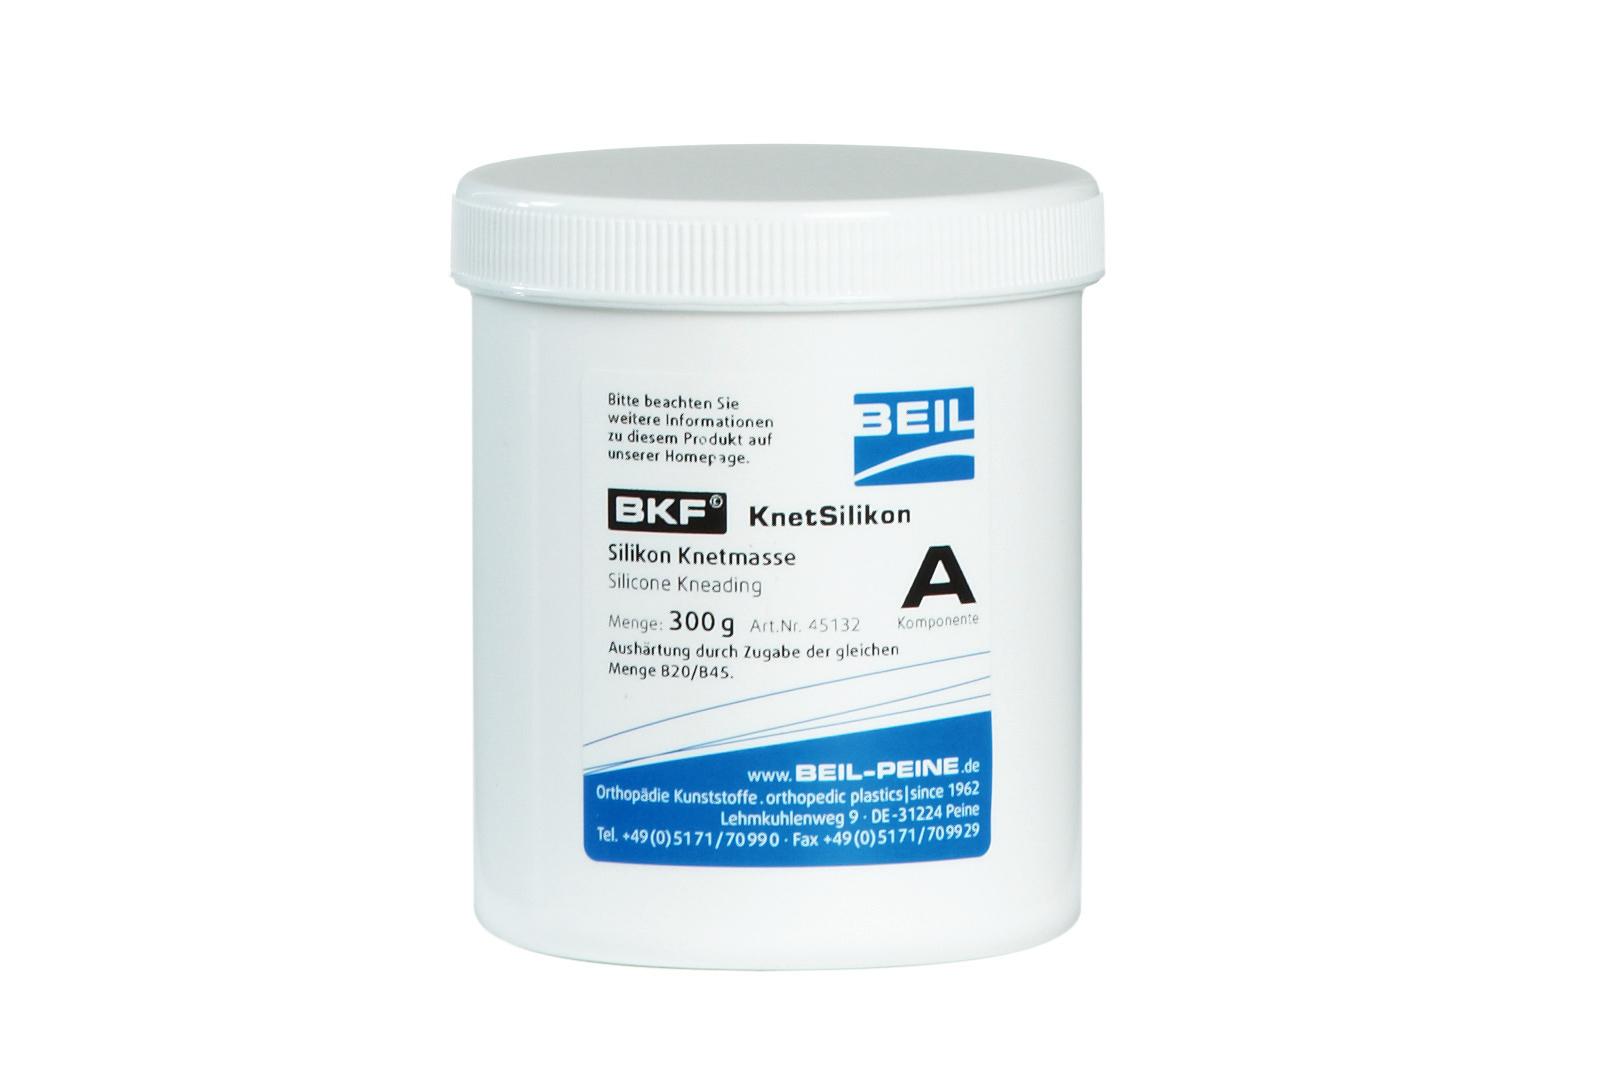 BKF Knet-Silikon